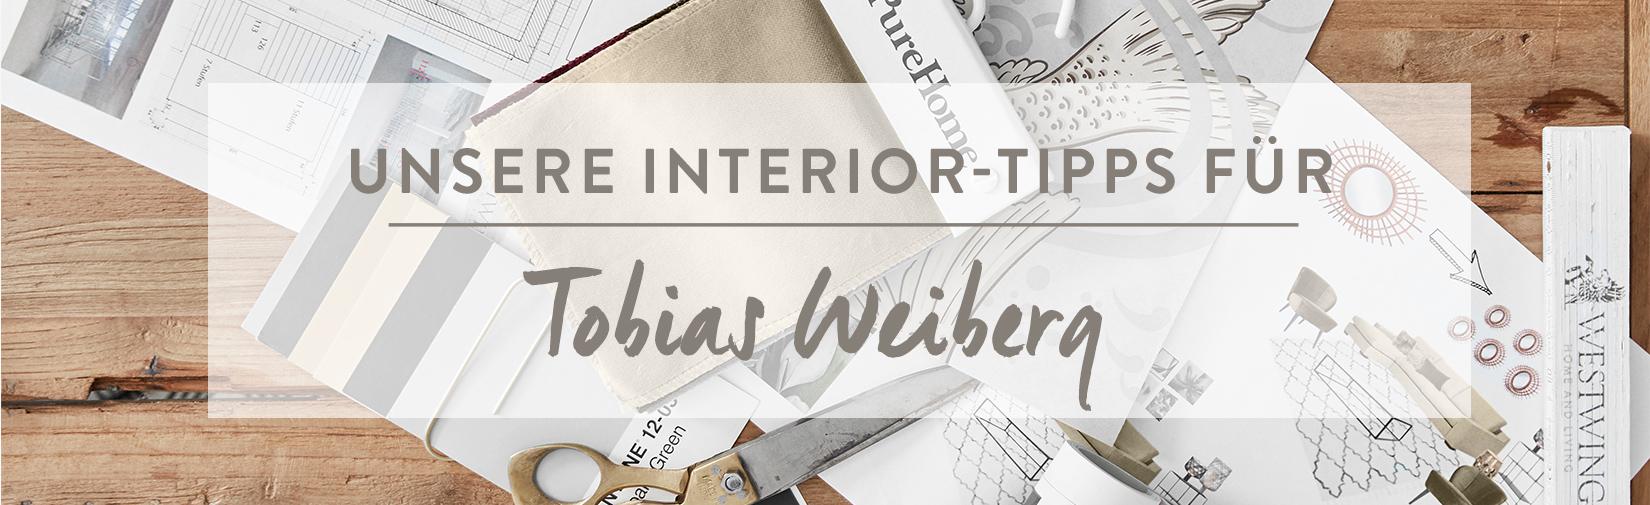 Tobias_Weiberg_Desktop